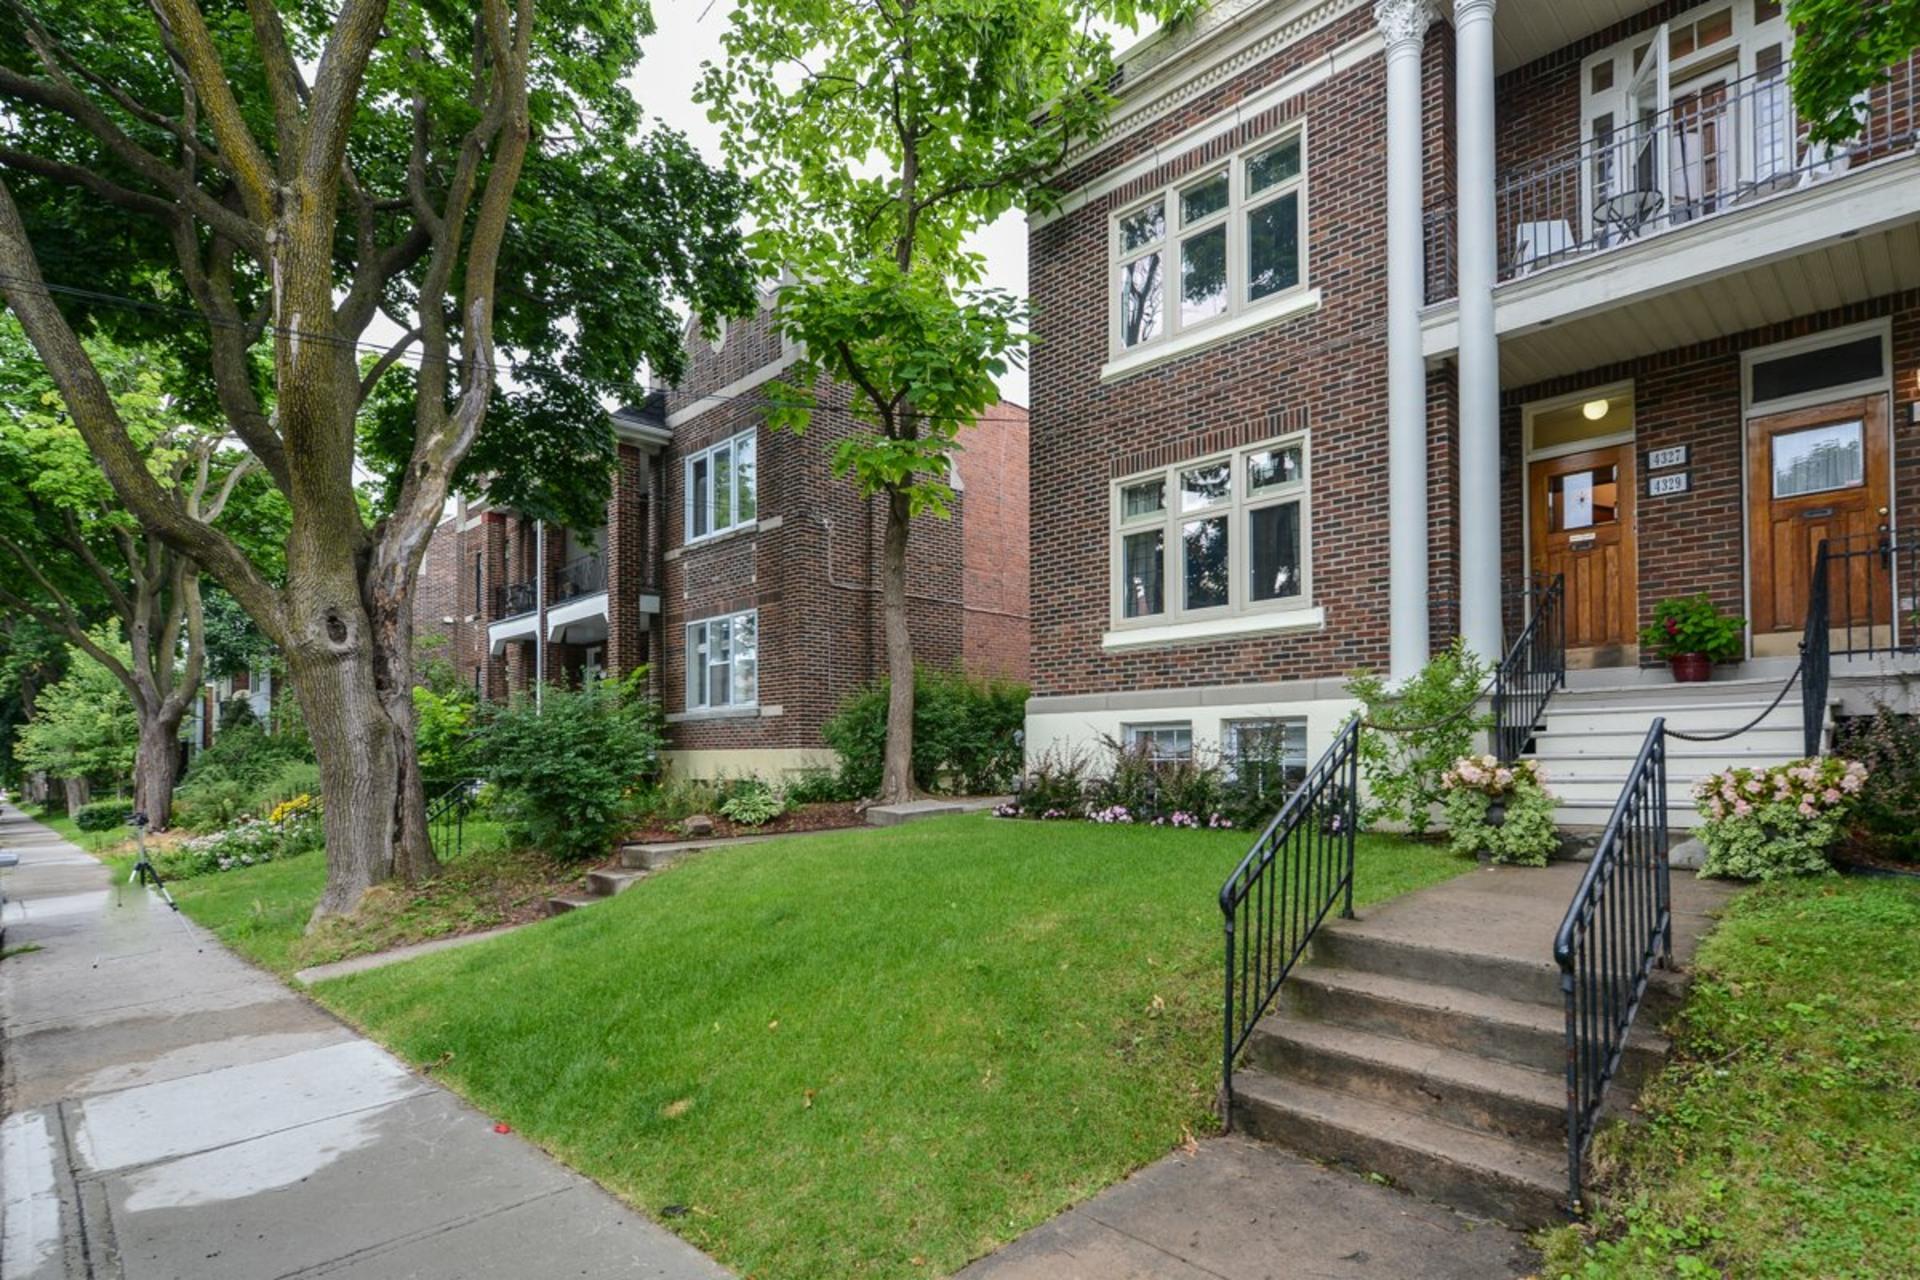 image 13 - Apartment For sale Côte-des-Neiges/Notre-Dame-de-Grâce Montréal  - 4 rooms